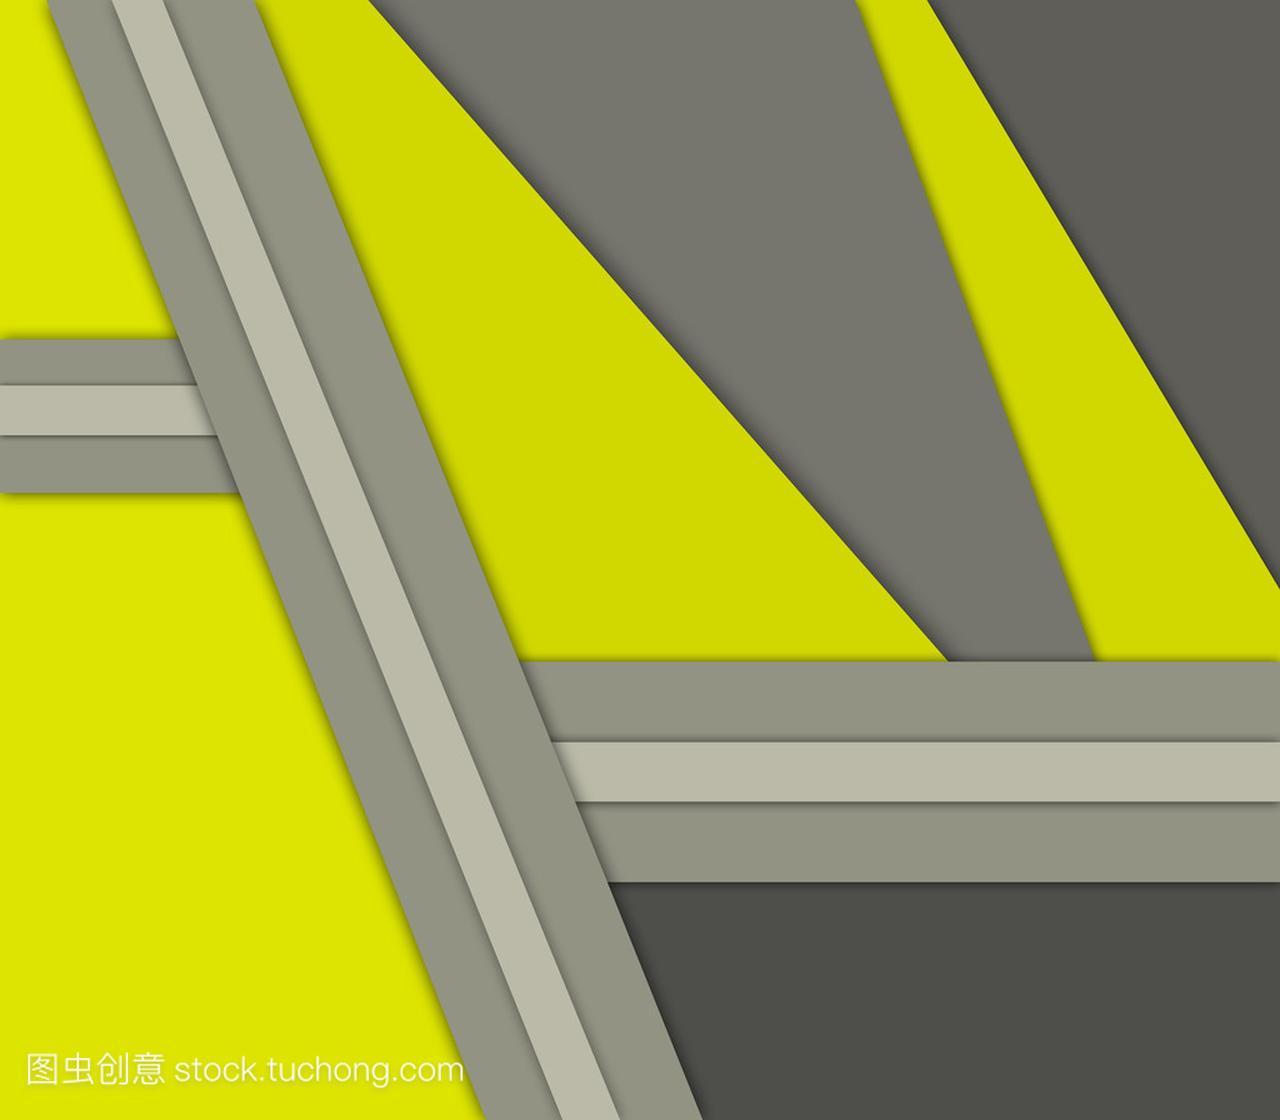 抽象材料说明和有色背景v材料coreldraw四叶草绘制图片